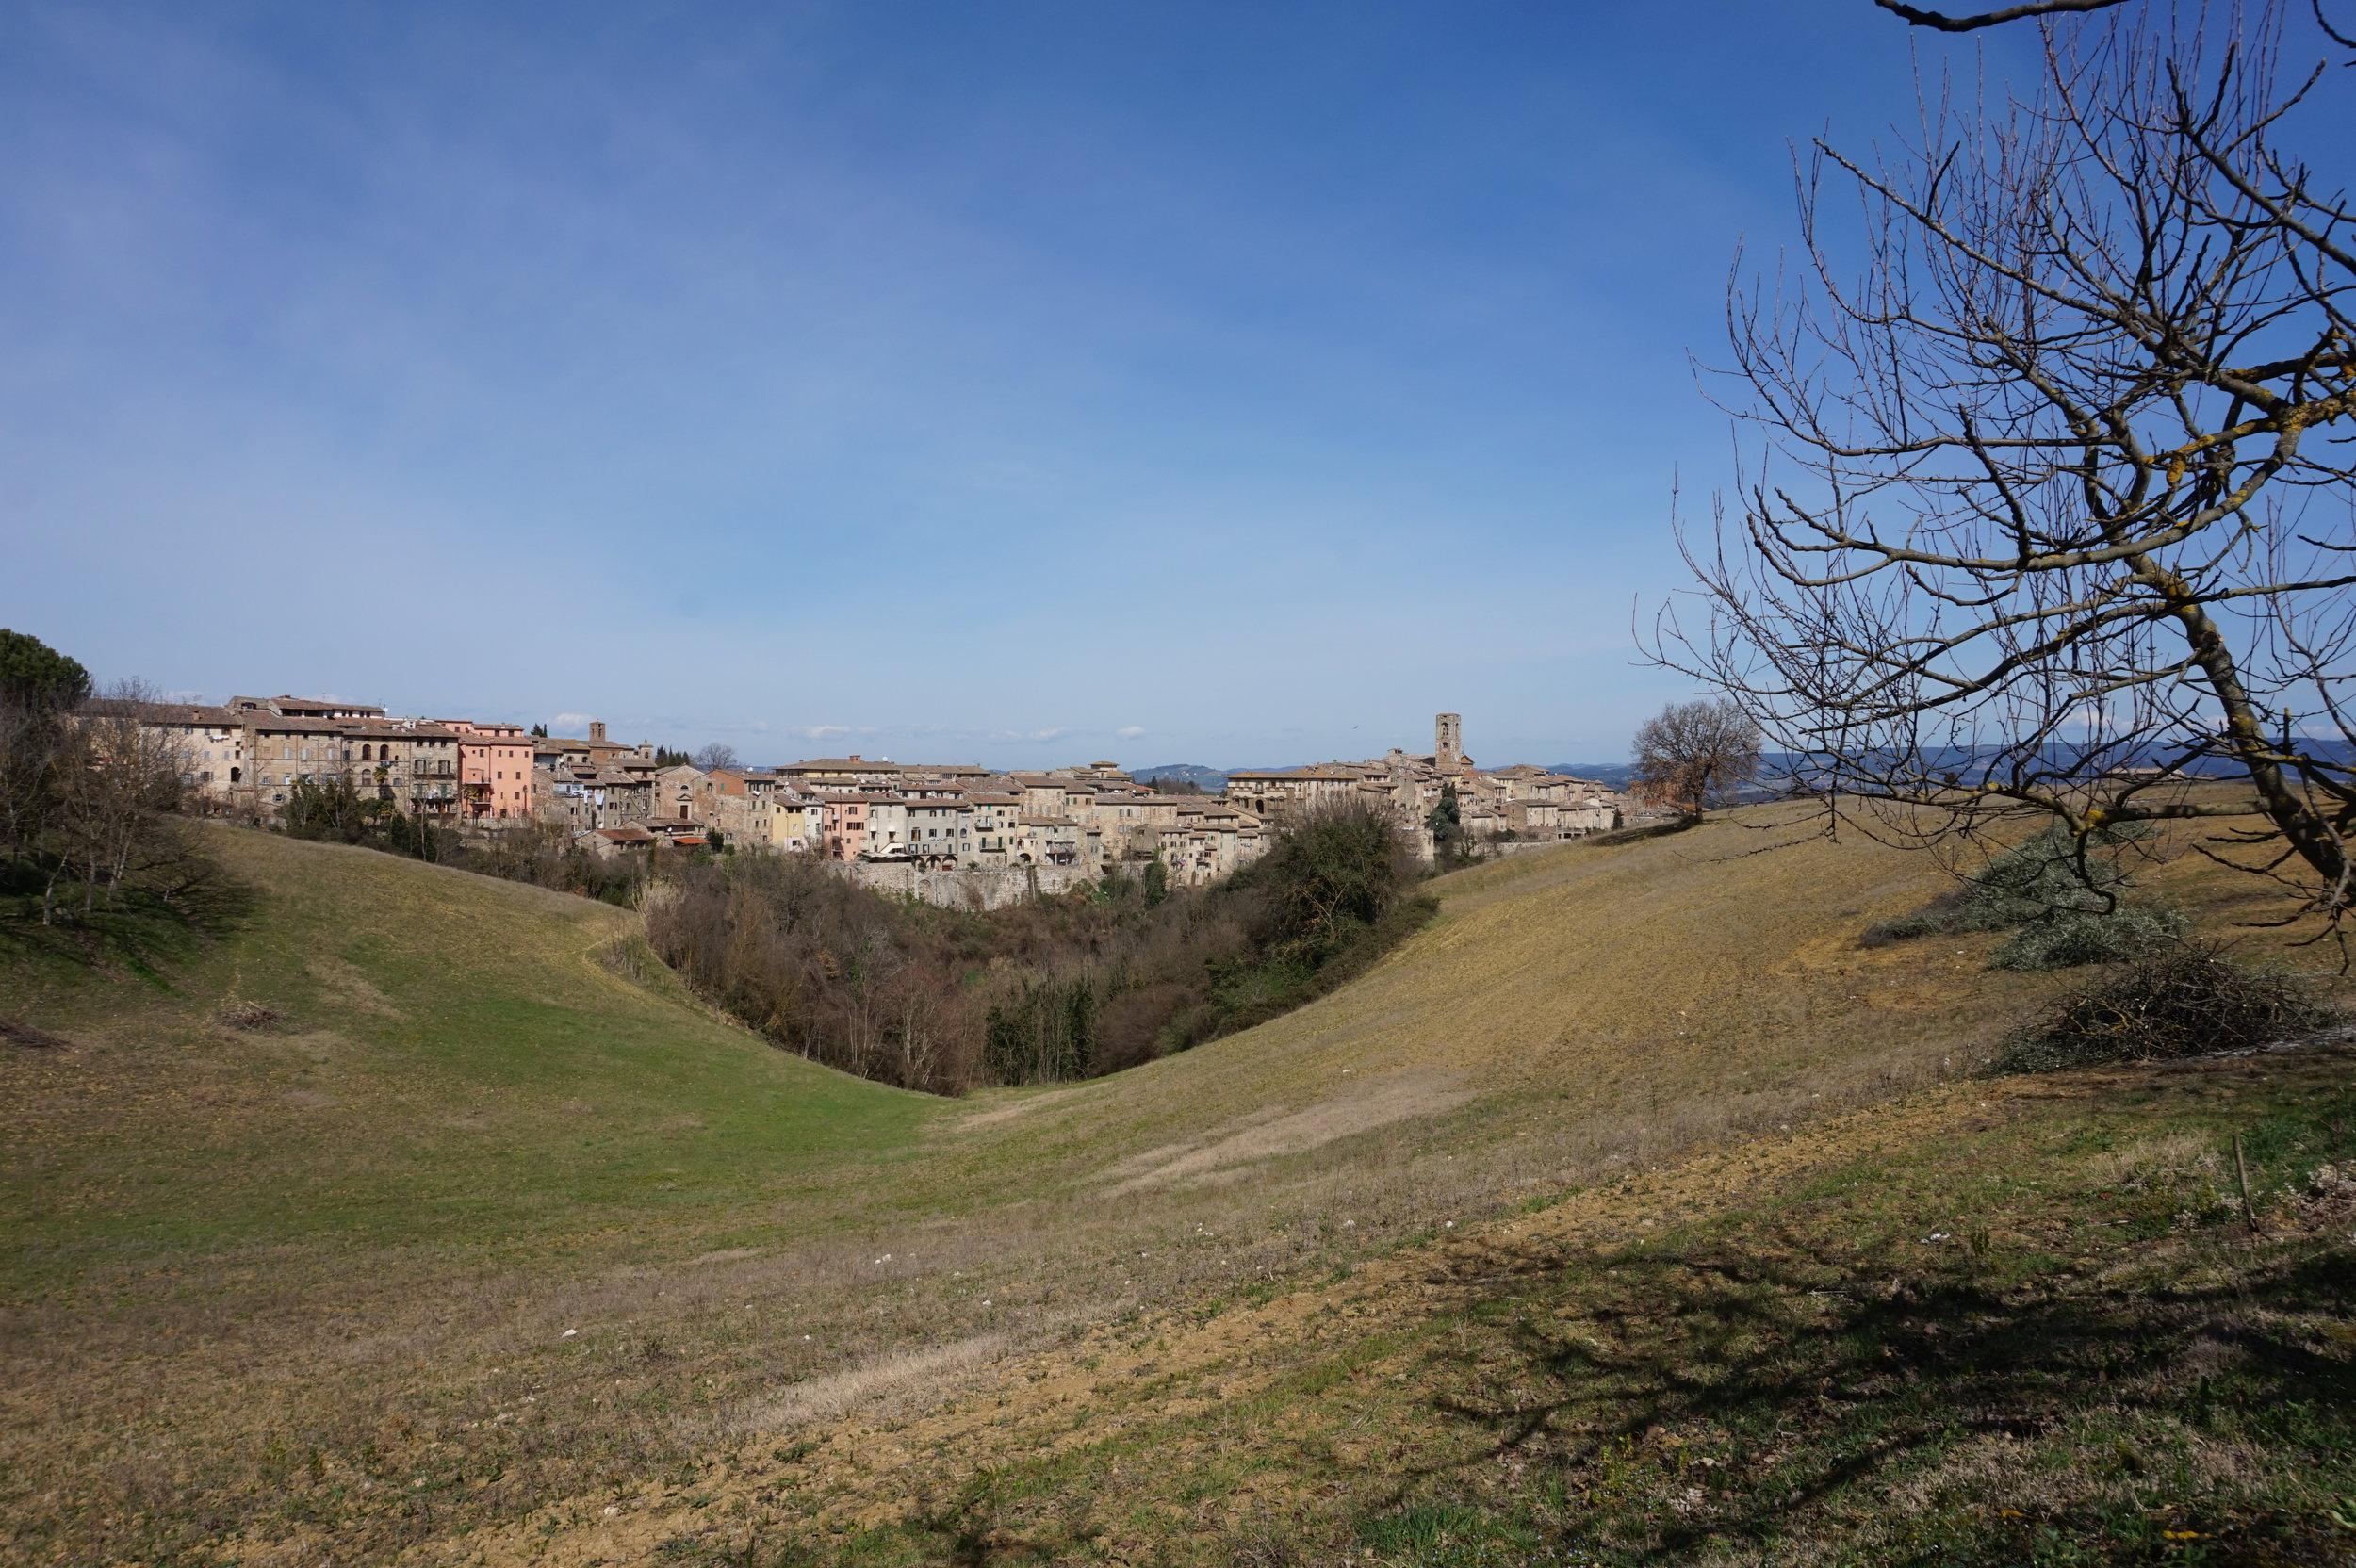 Hiking in Chianti